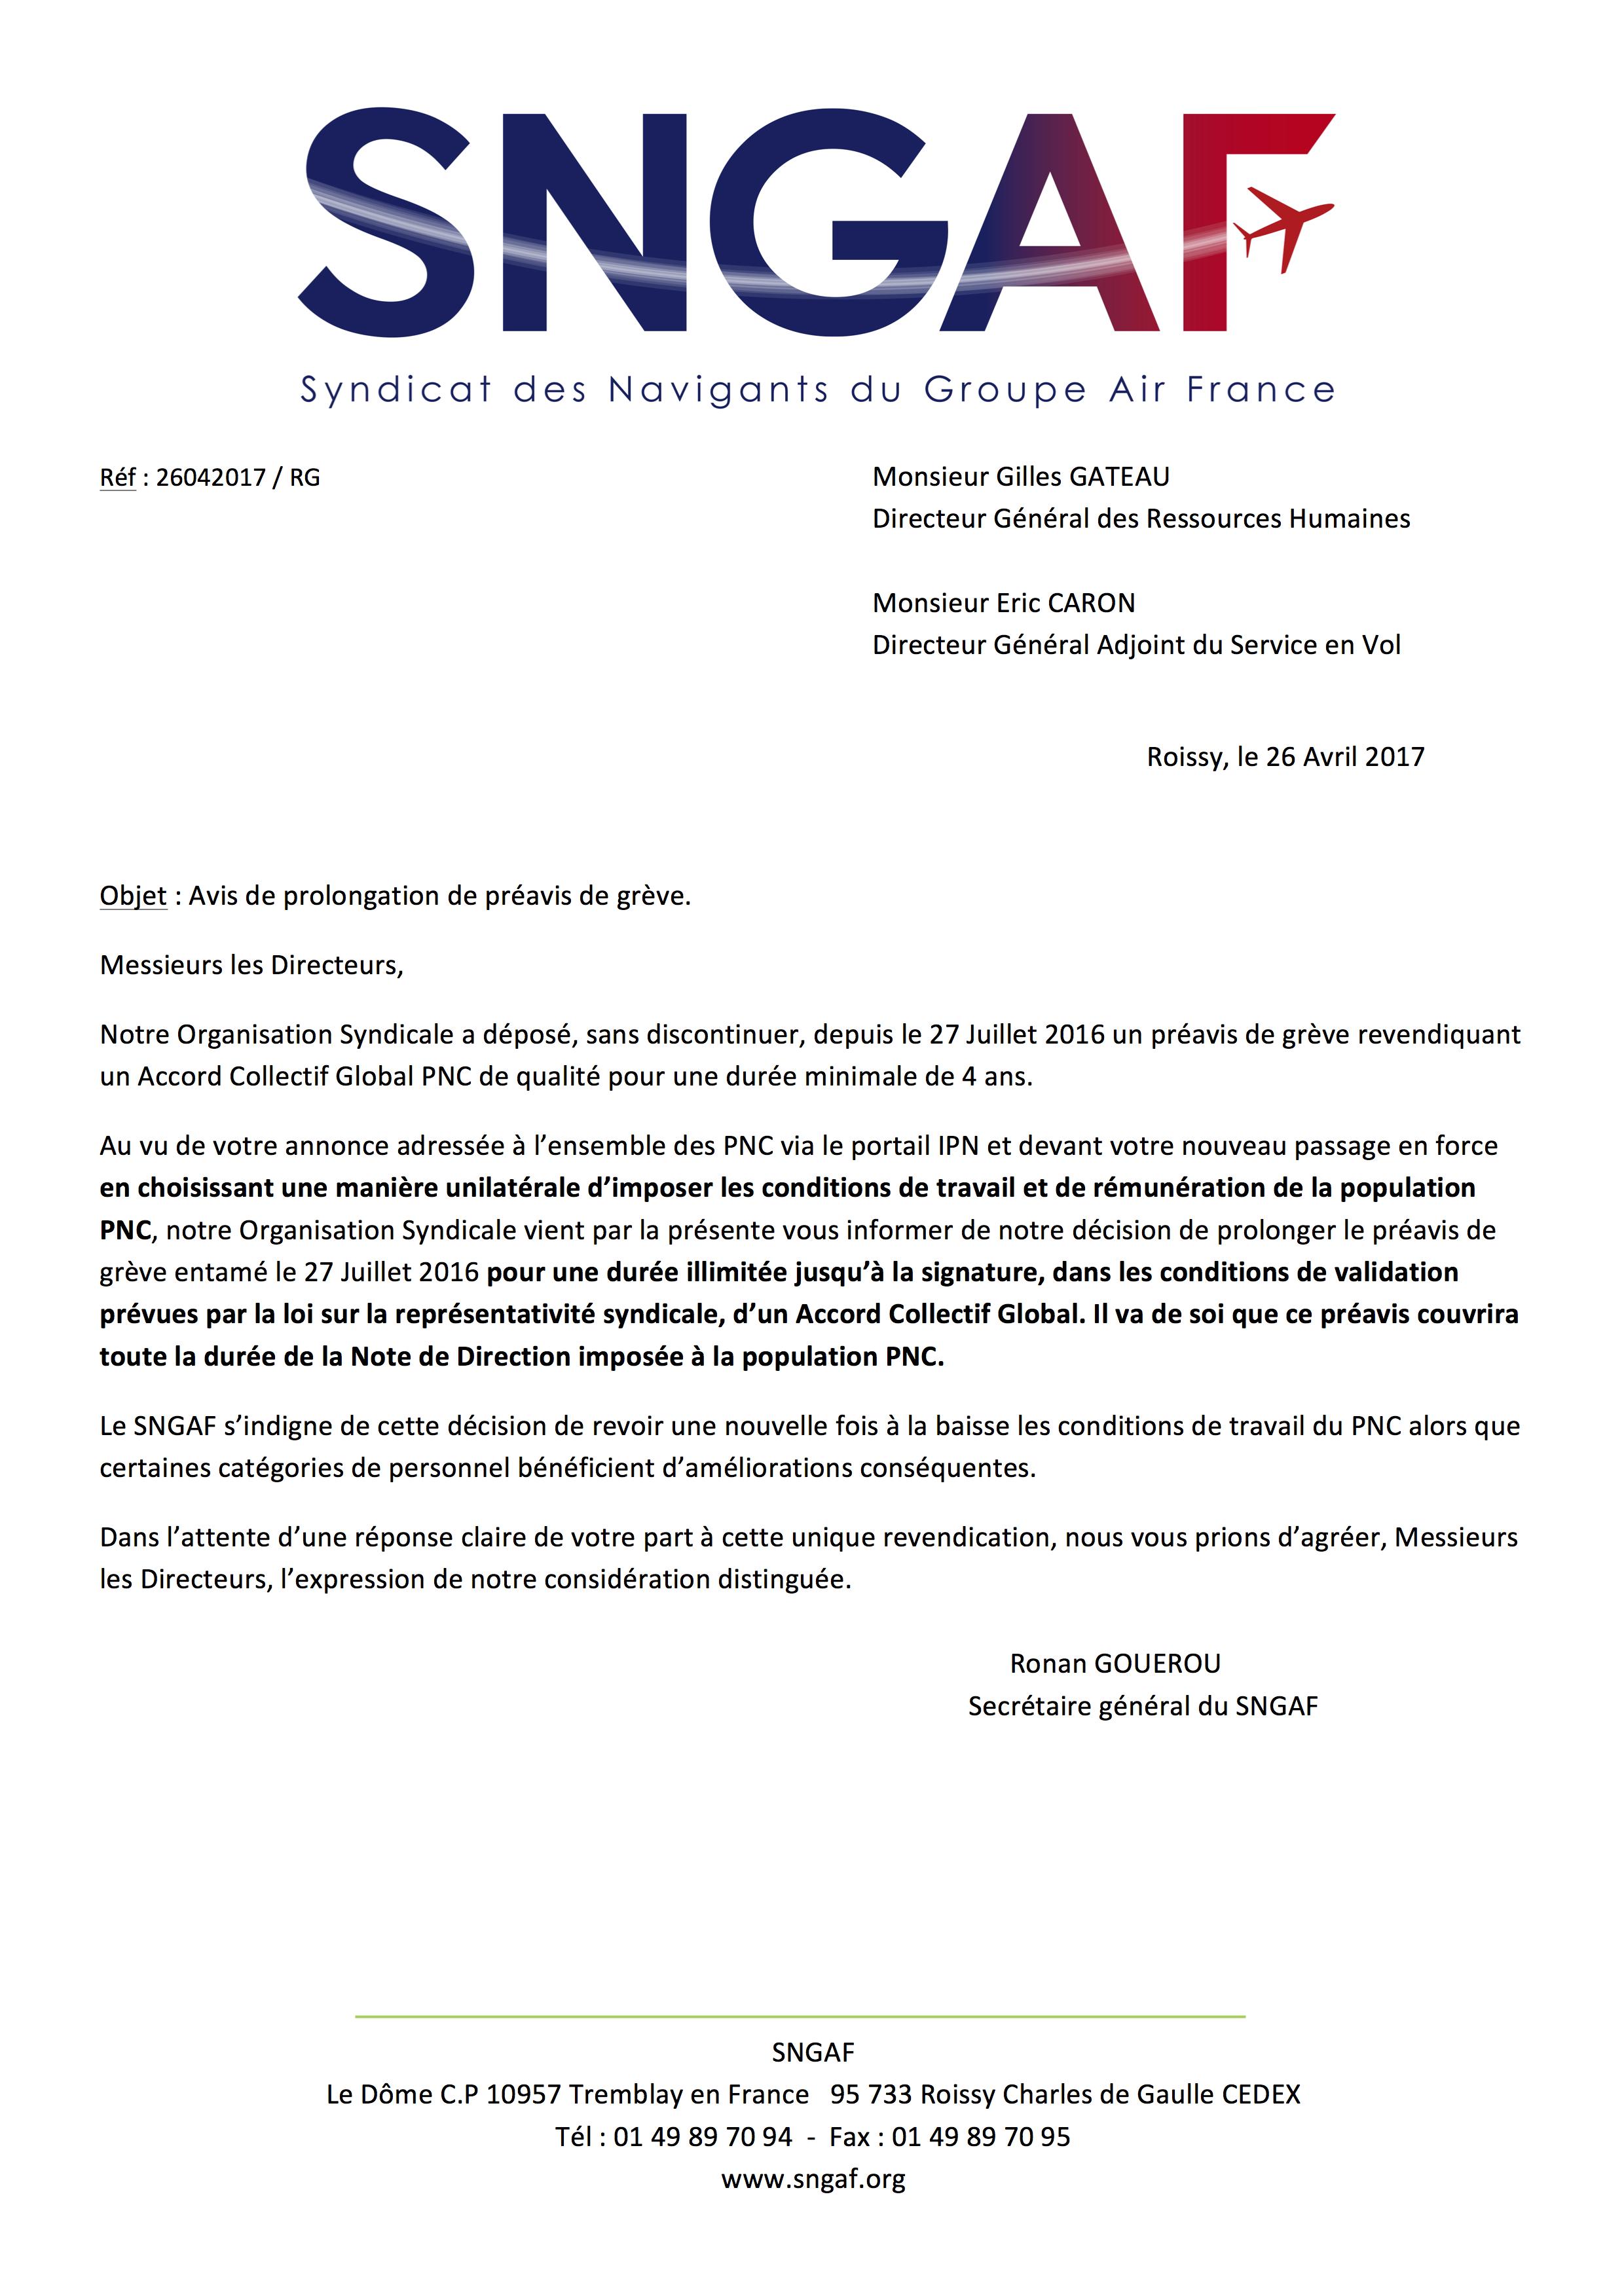 20170426 Courrier Gilles Gateau et Eric Caron Prolongation préavis de grève